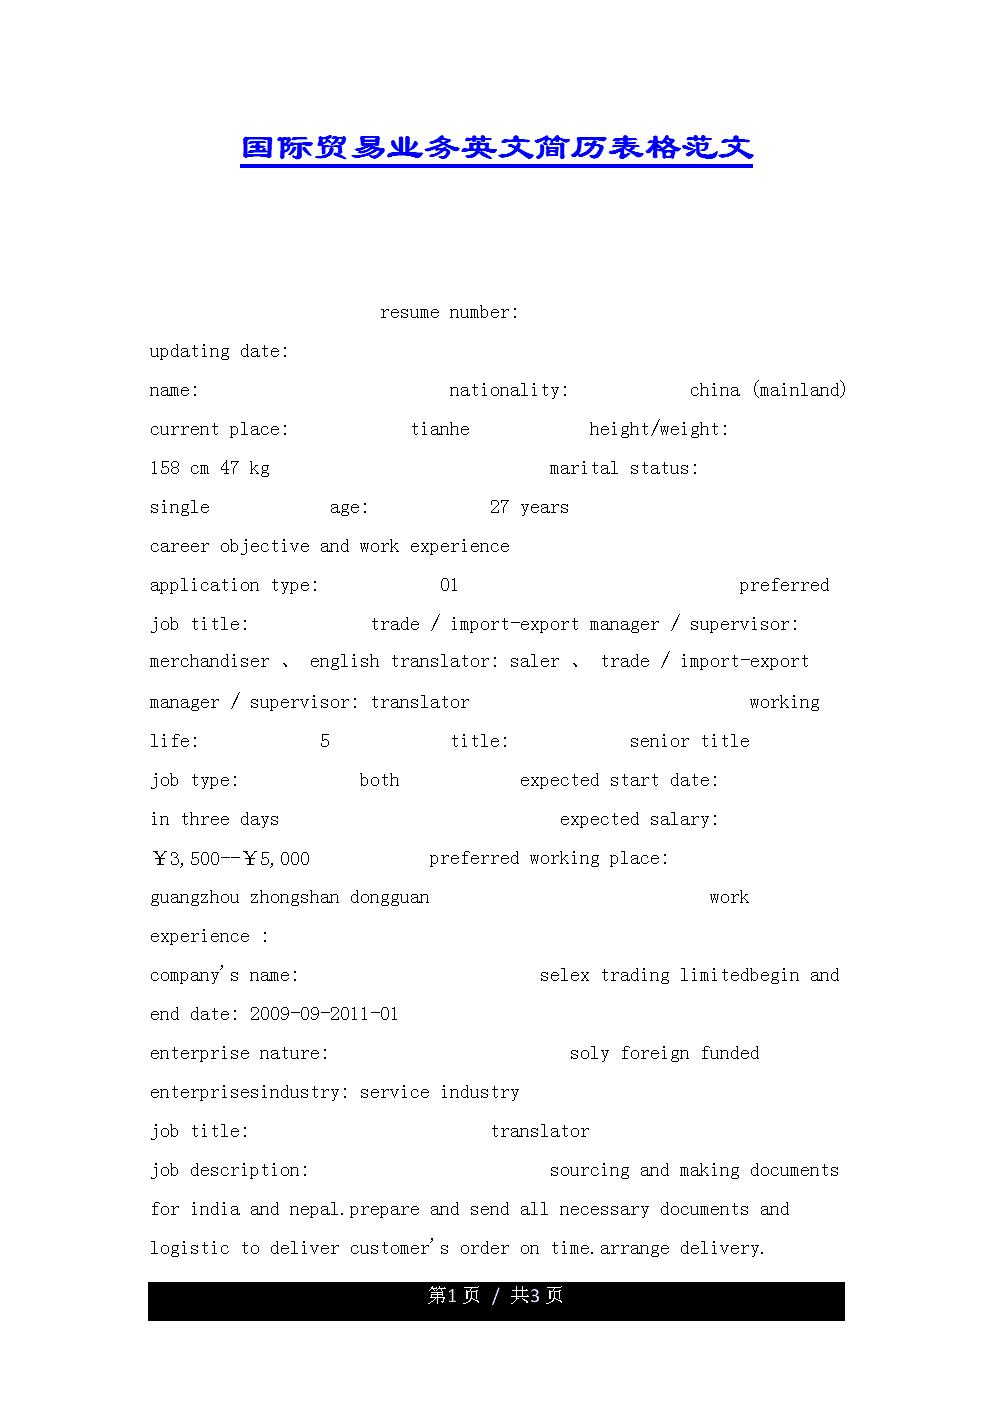 國際貿易業務英文簡歷表格范文.docx